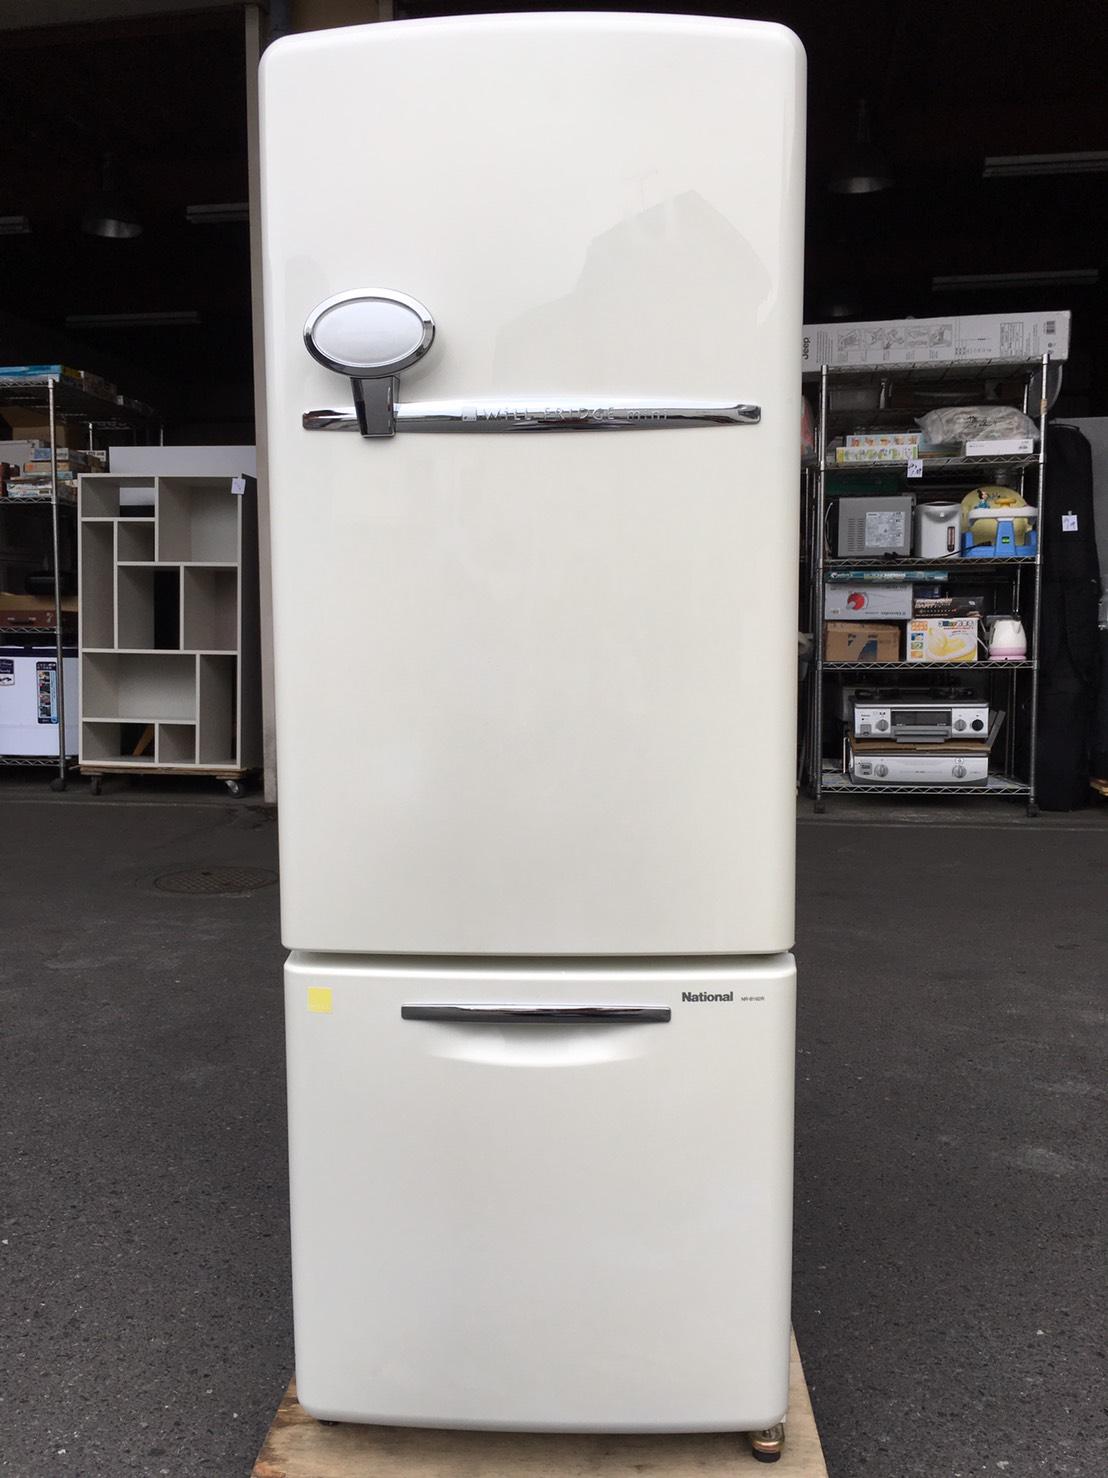 ナショナル製の冷蔵庫(NR-B162R-W)